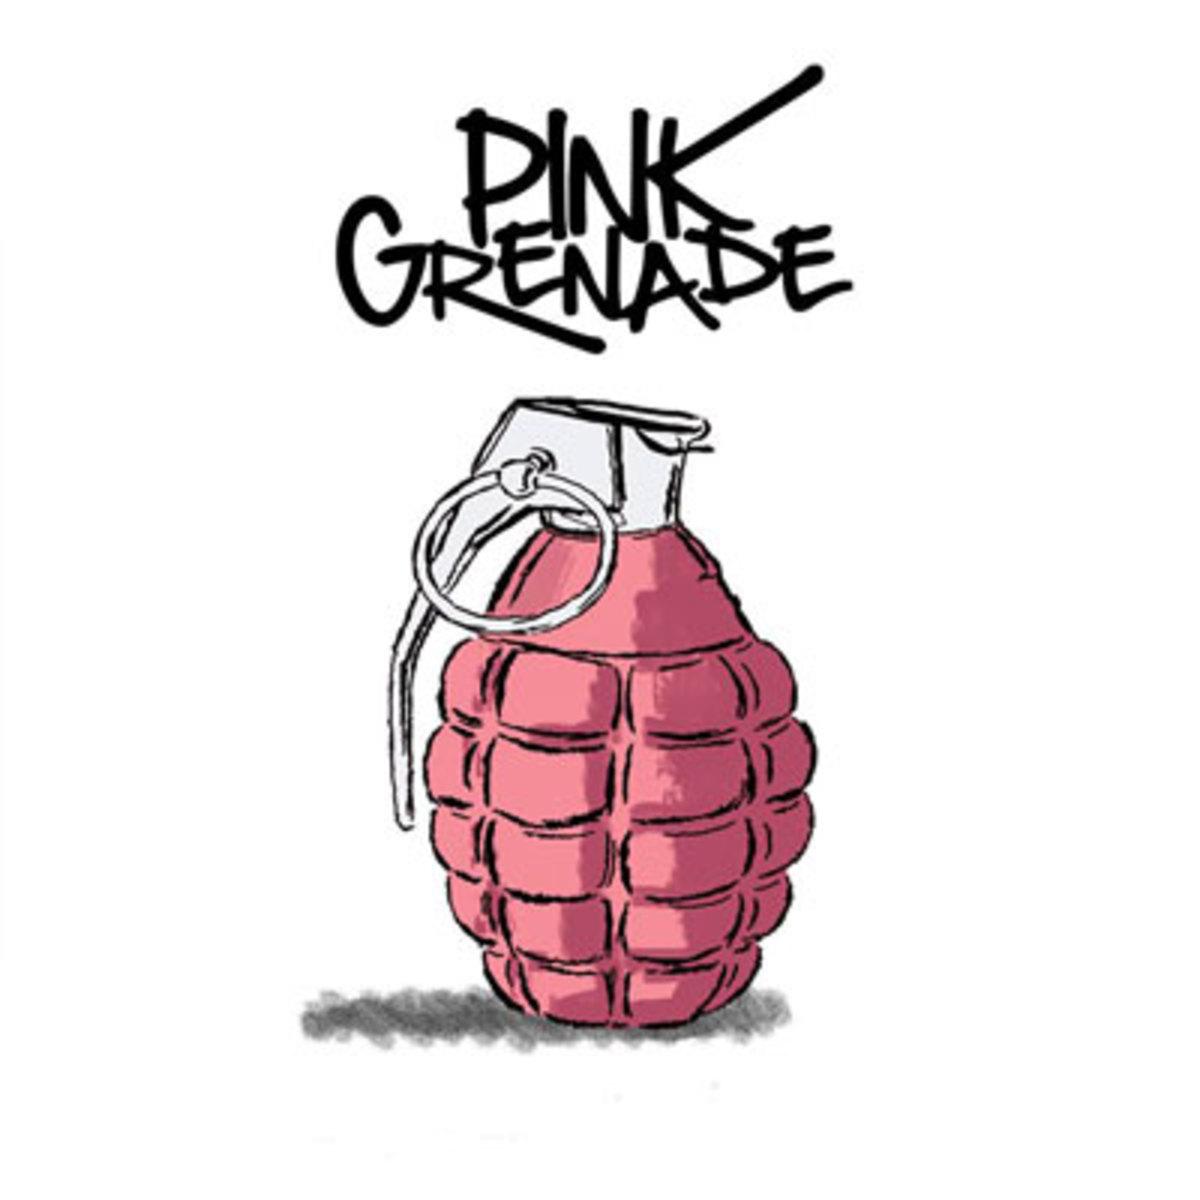 pinkgrenade.jpg